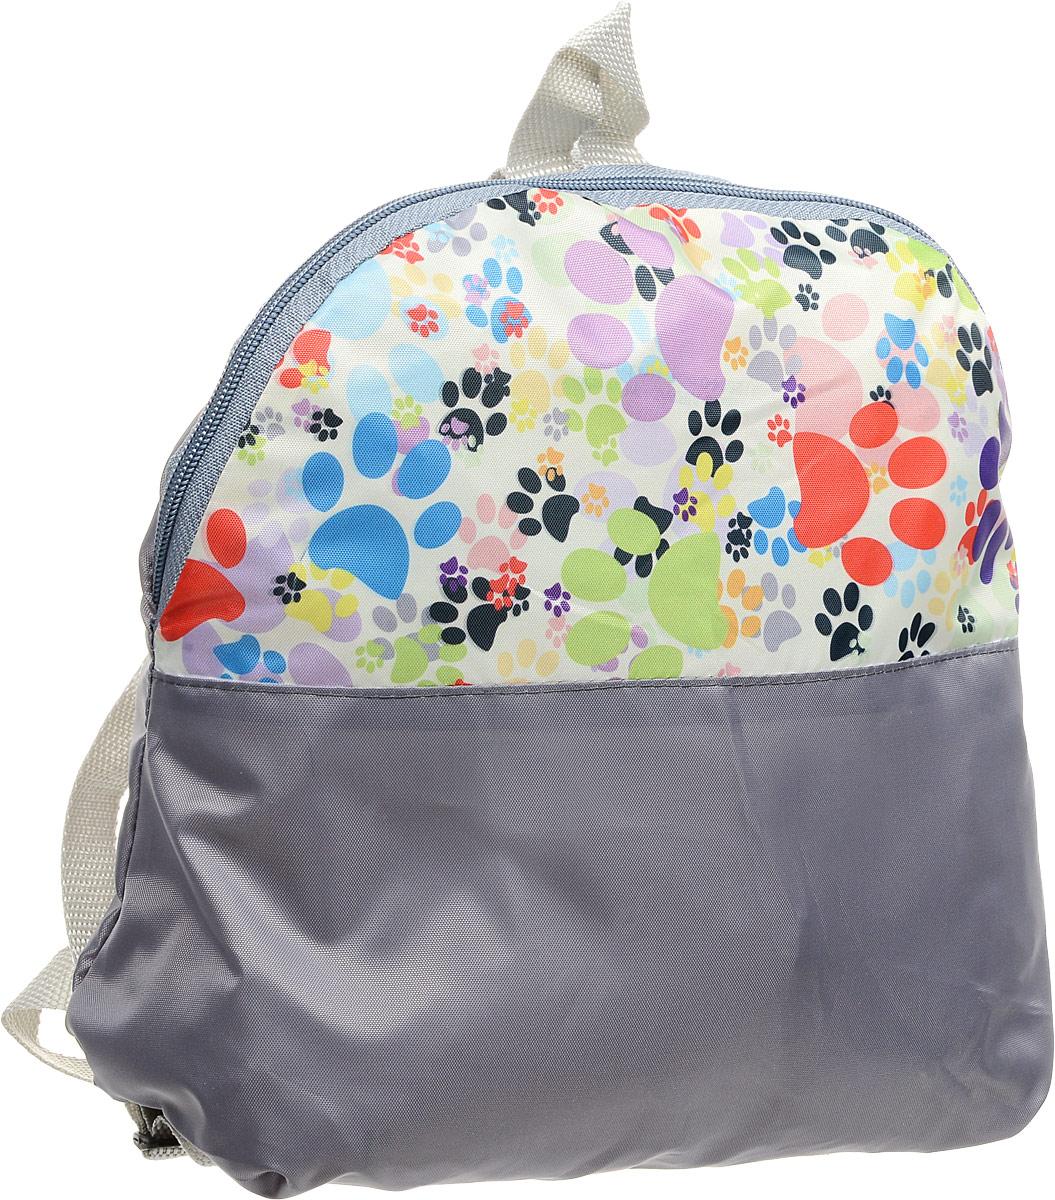 Рюкзак детский Mitya Veselkov Лапки, цвет: серый. 1989756 рюкзак mitya veselkov кеды цвет черный backpack keds